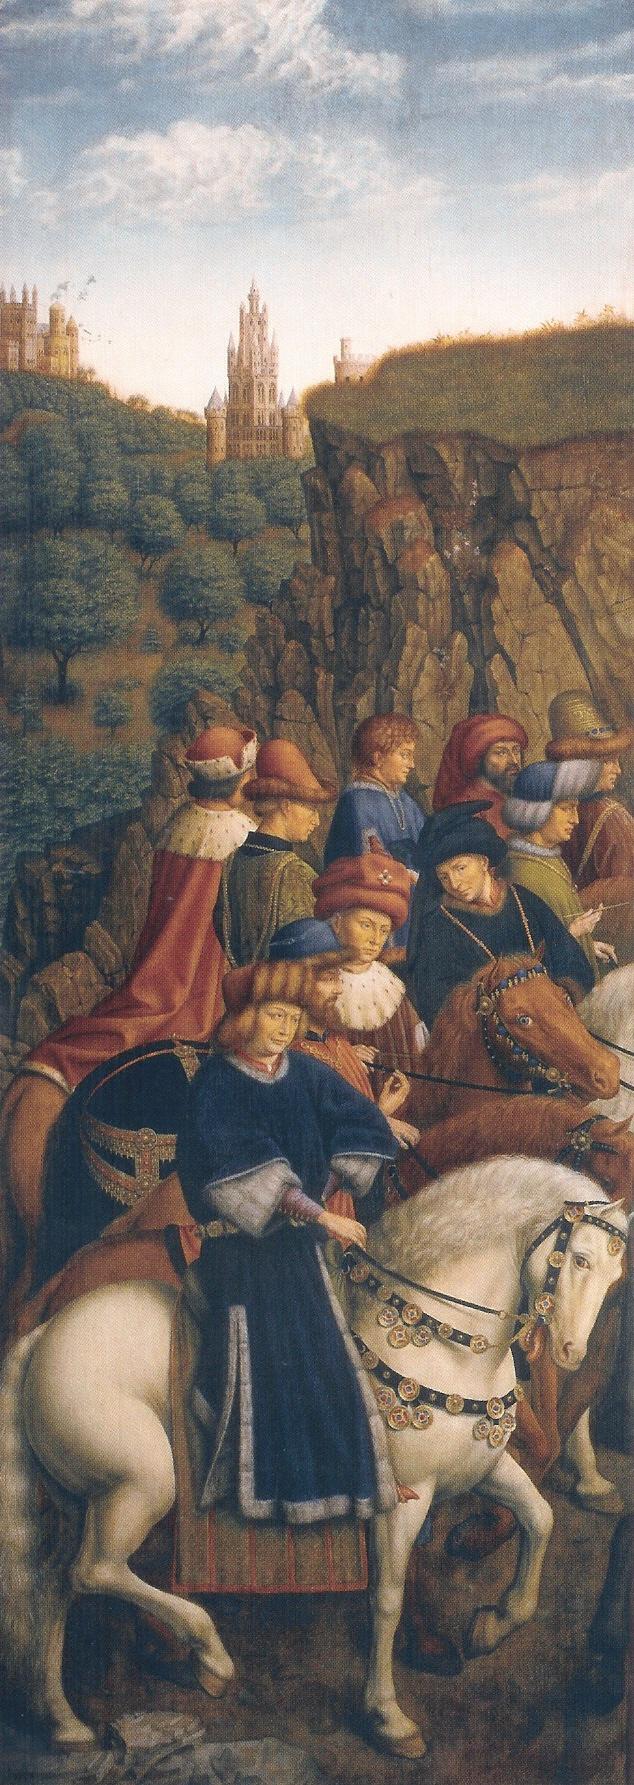 Ghent Altarpiece E - Just Judges by Vanderveken.jpg